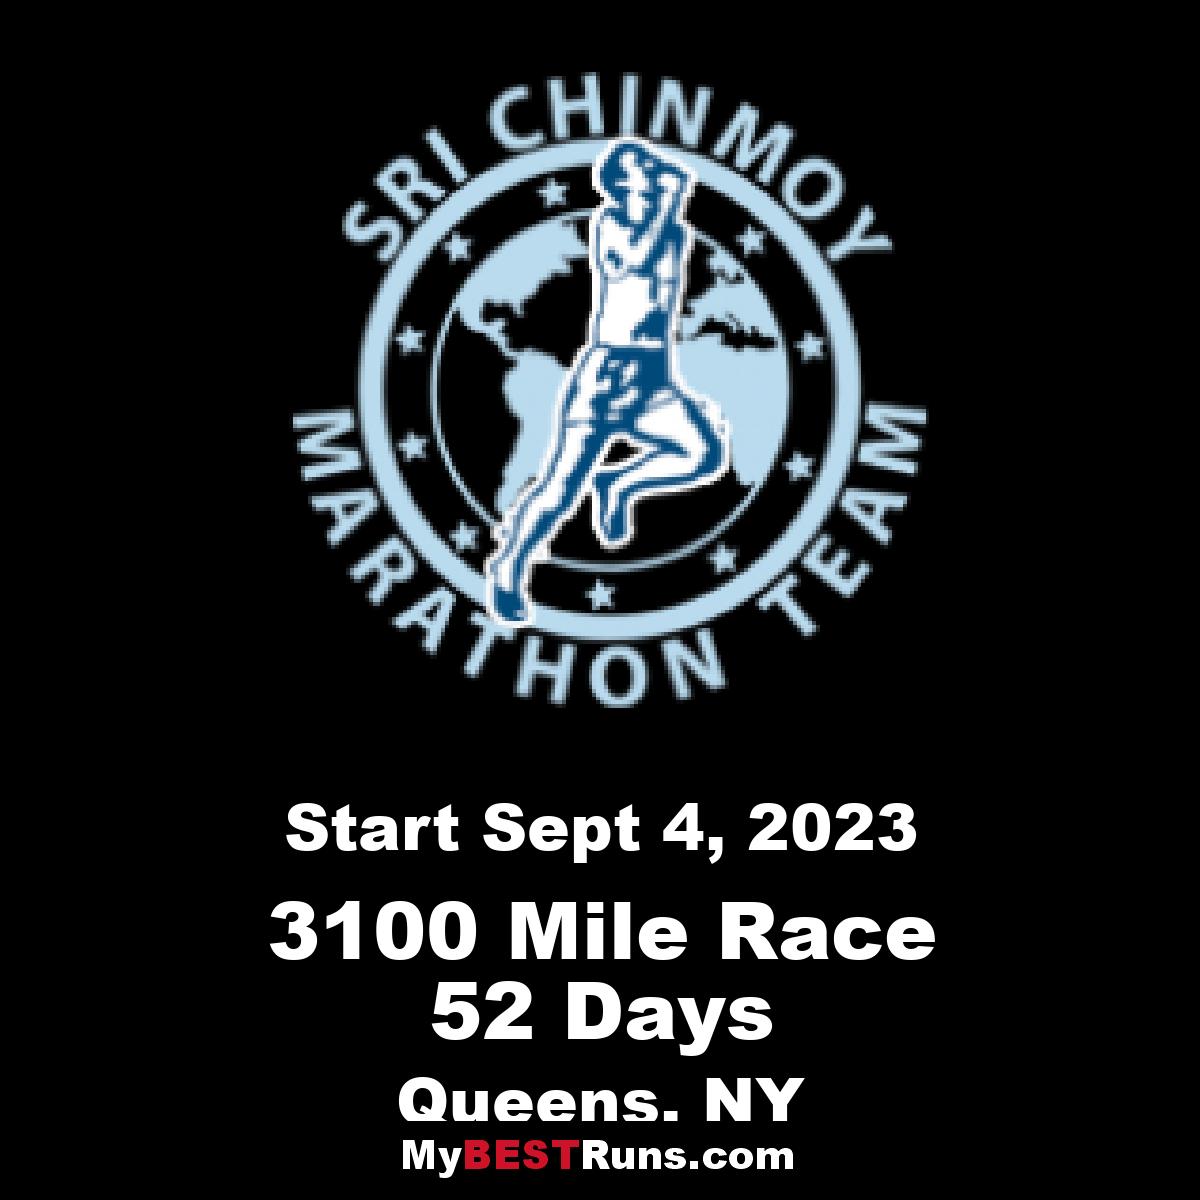 3100 Mile Race